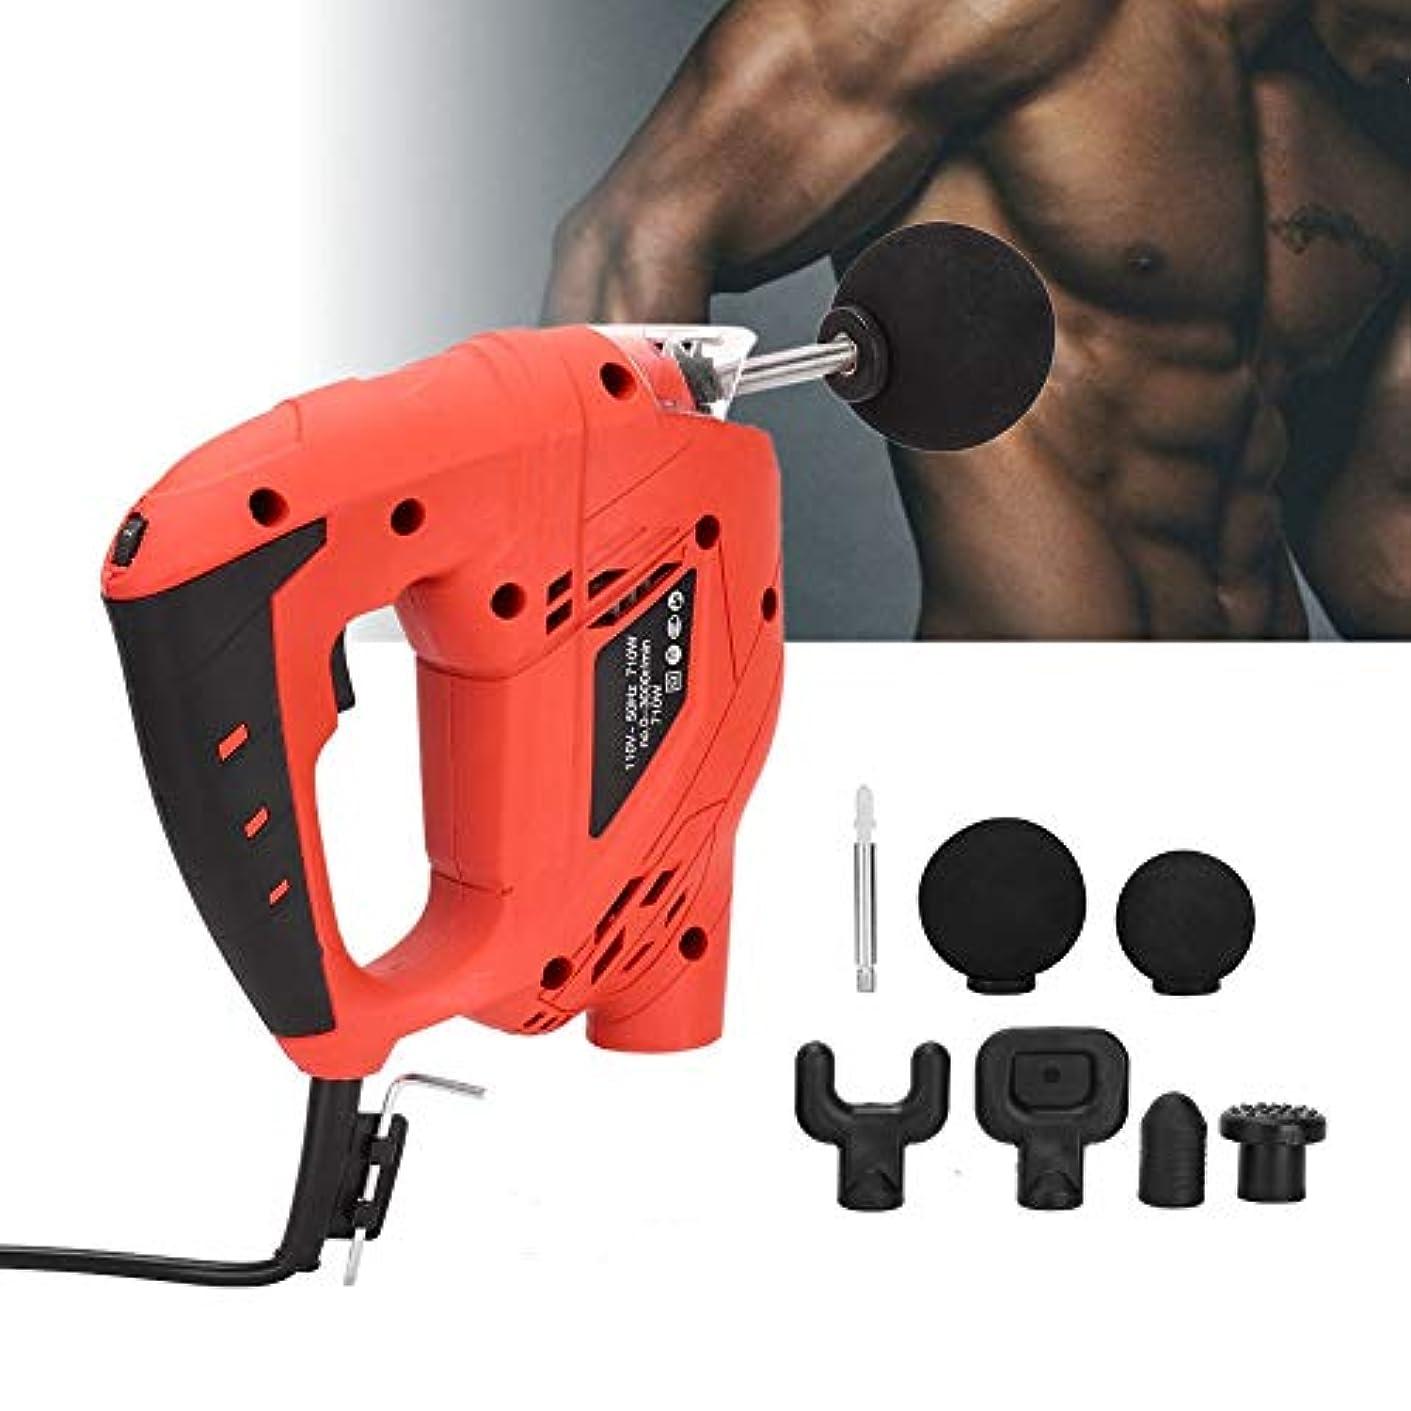 争う強制的羨望筋肉マッサージ銃、調整可能な速度を備えたプロのハンドヘルド振動マッサージ装置、電動フルボディ筋肉マッサージ機器(US)